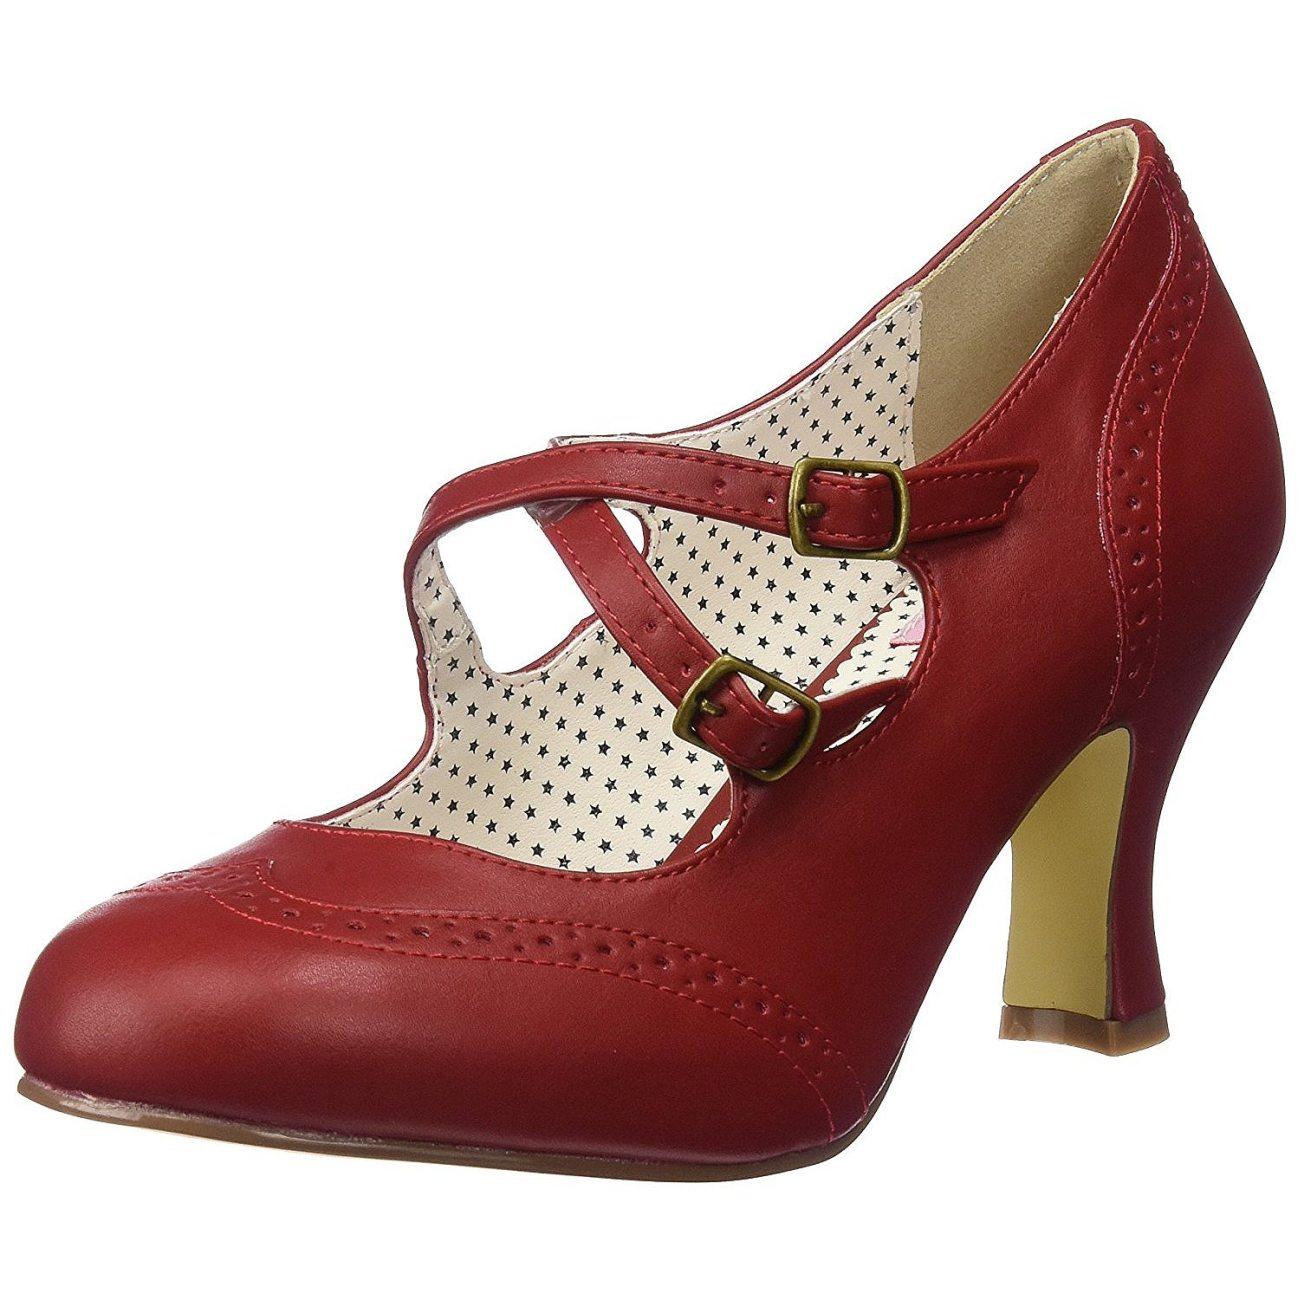 meilleure sélection 10954 6efbb Rouge 7,5 cm FLAPPER-35 Pinup escarpins femmes à talons bas